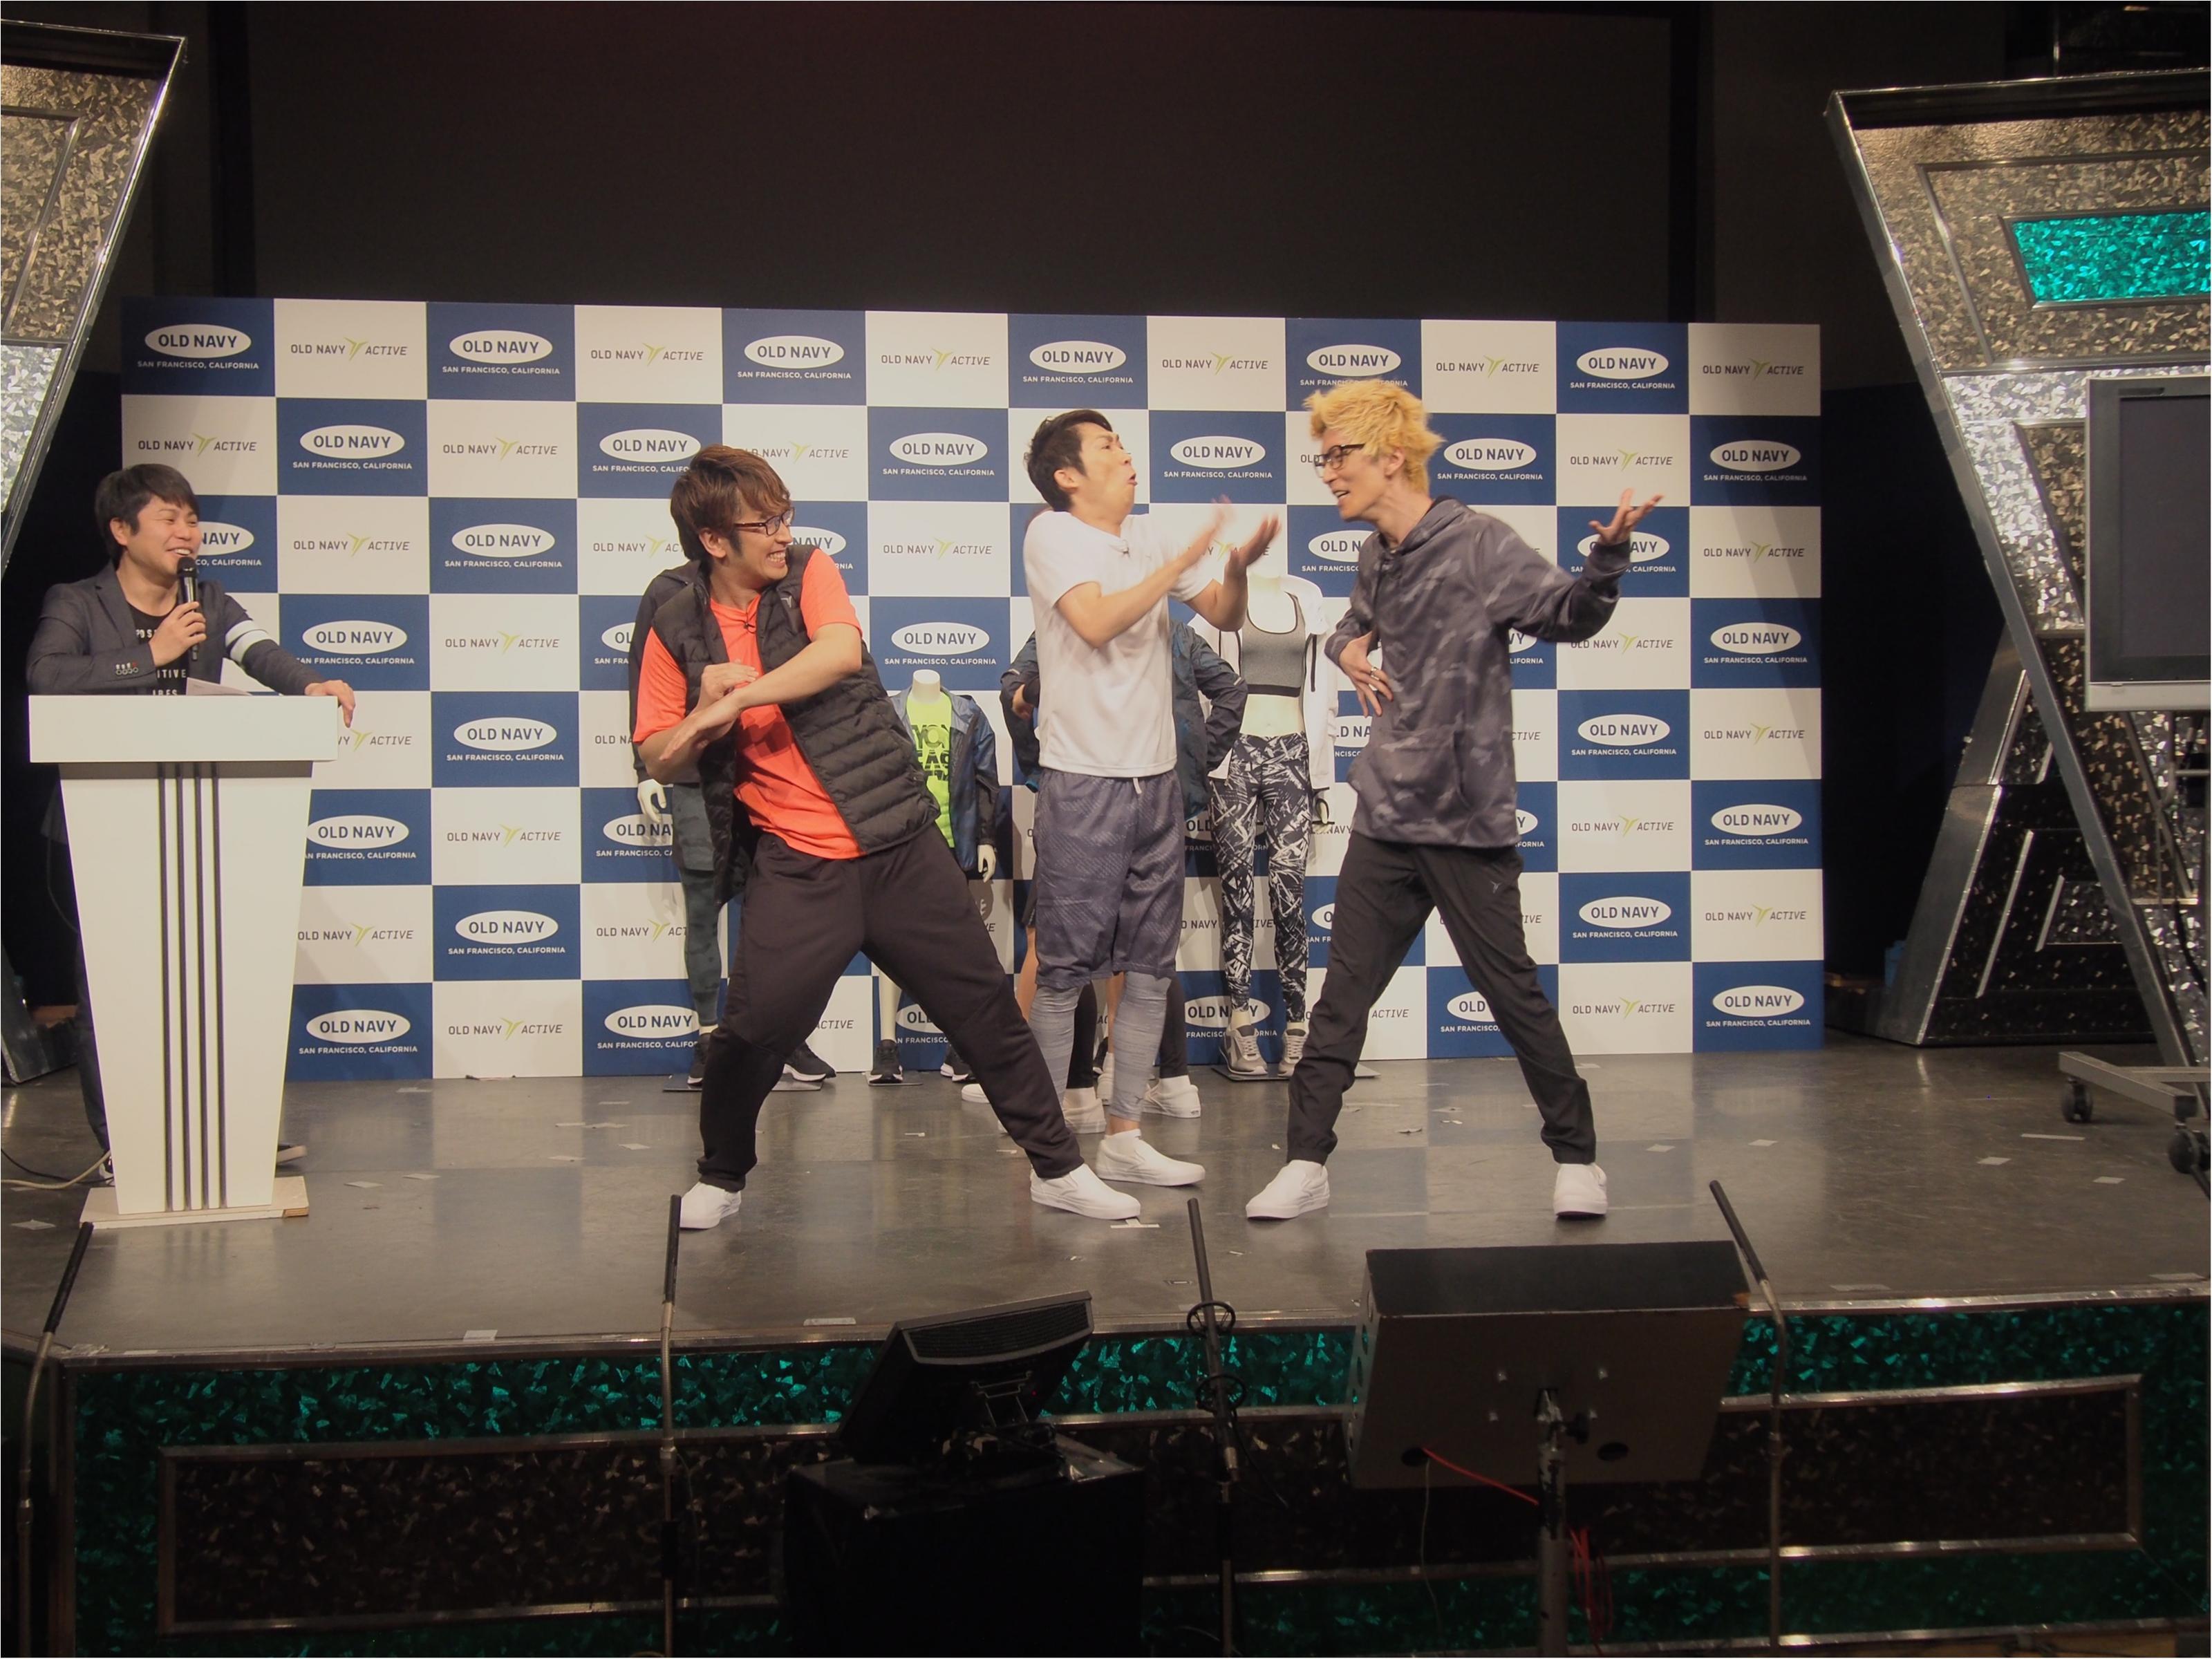 エグスプロージョン&トレンディエンジェルがダンスで魅せる! 『OLD NAVY』アクティブウェアが日本初上陸☆_5